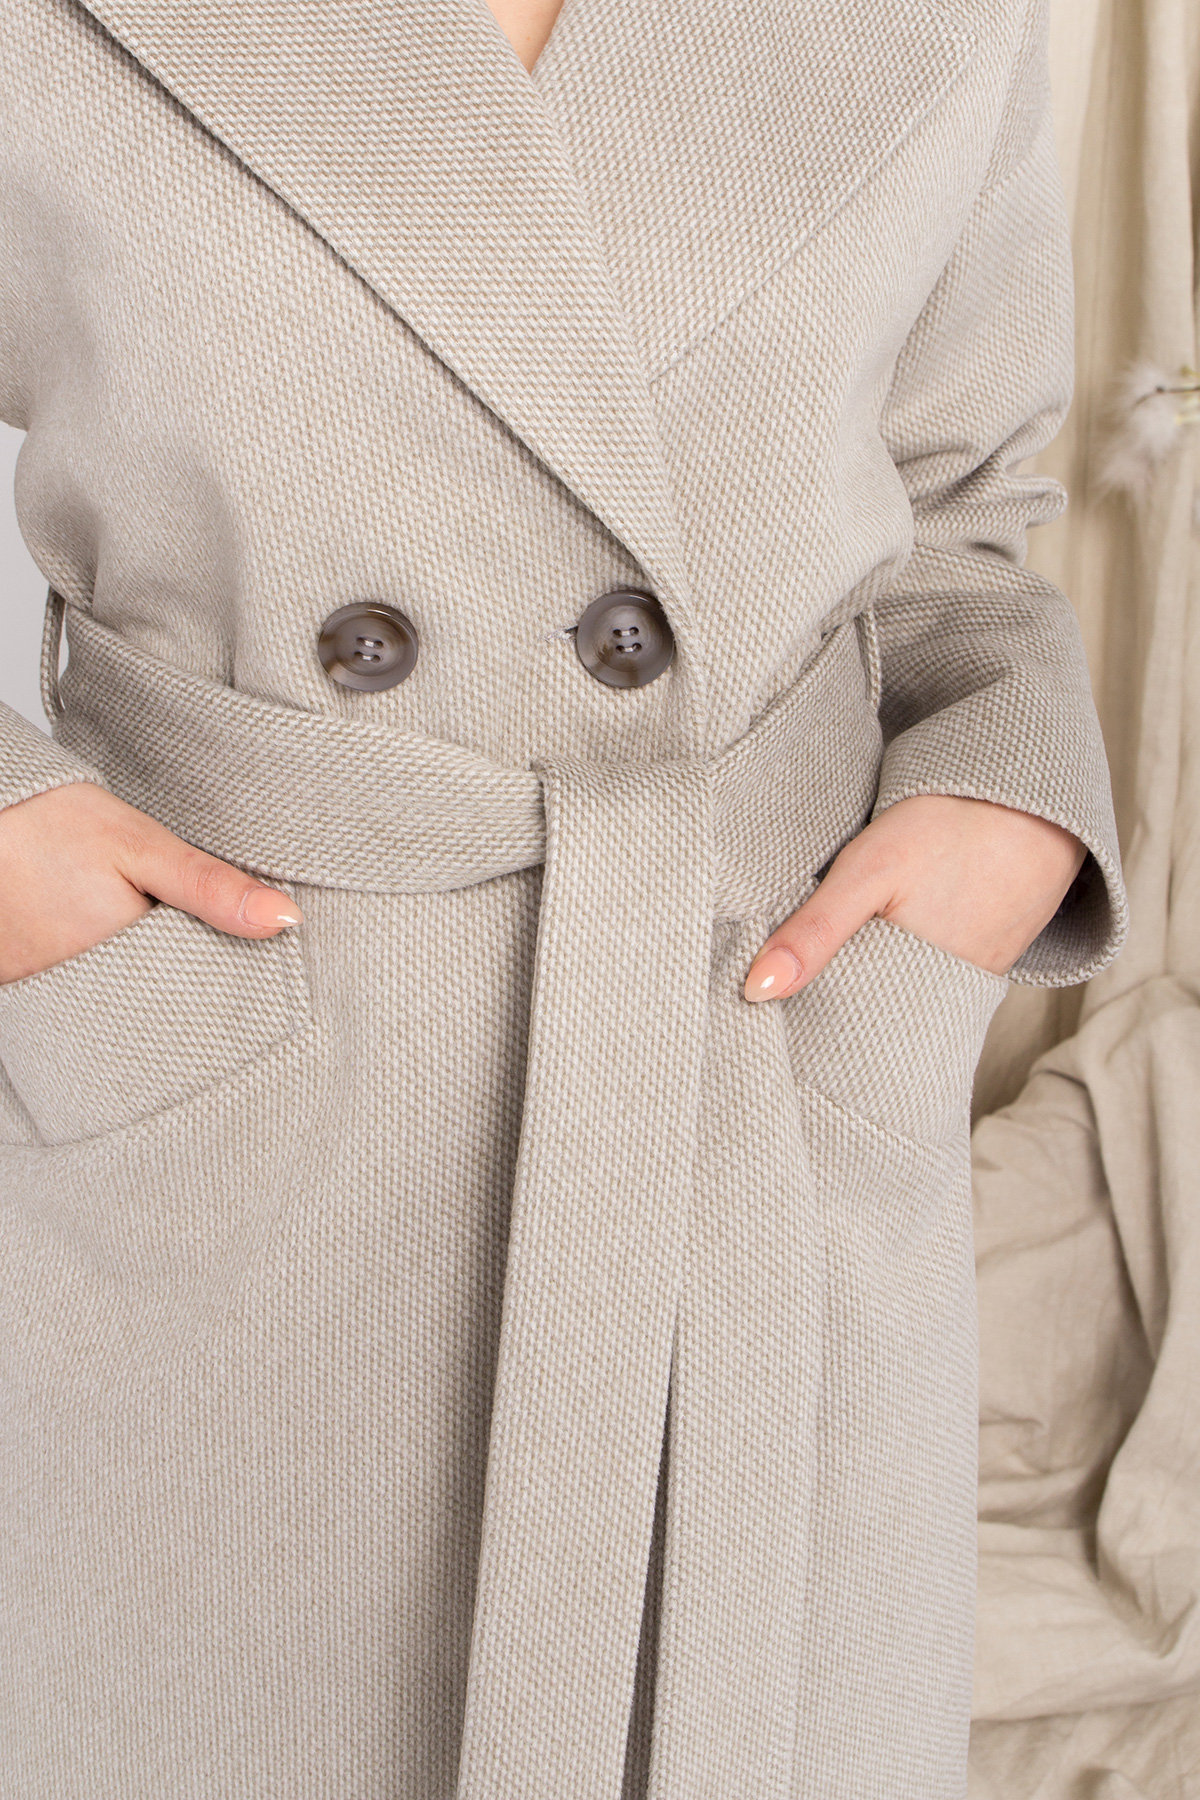 Демисезонное двубортное пальто Сенсей 8845 АРТ. 45218 Цвет: Олива - фото 9, интернет магазин tm-modus.ru